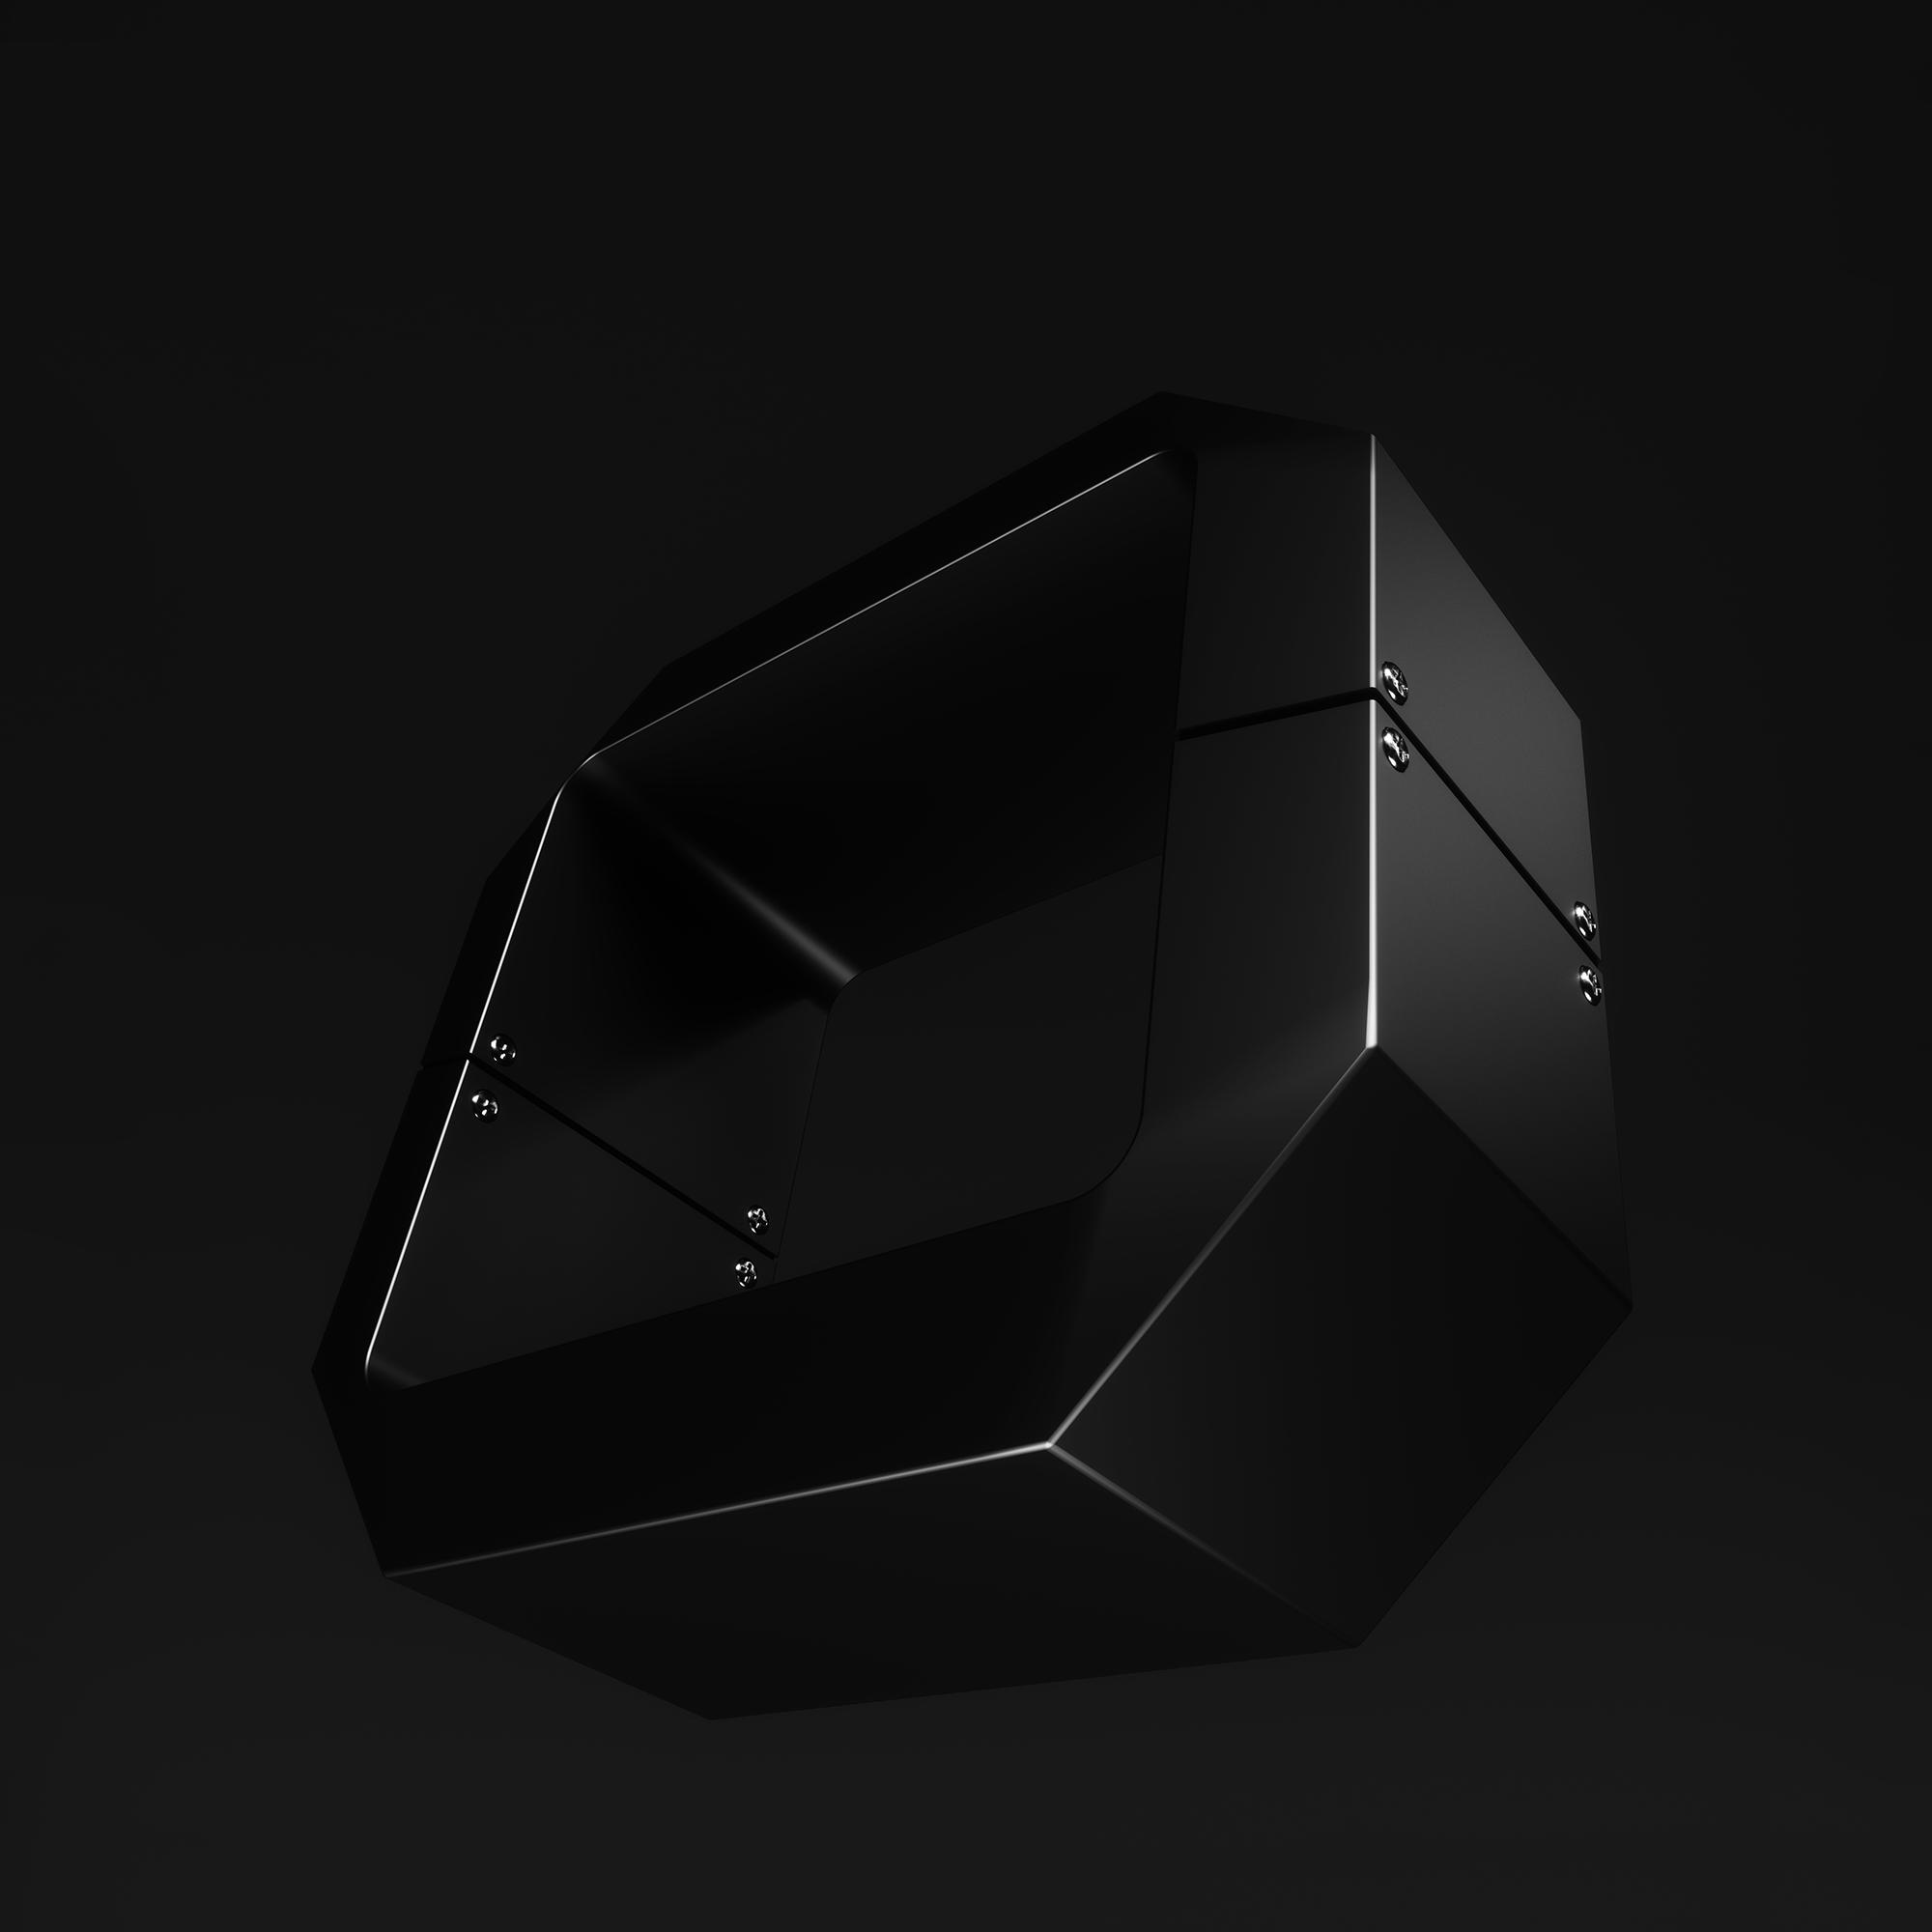 Optiphore - Loonatiks Design Crew